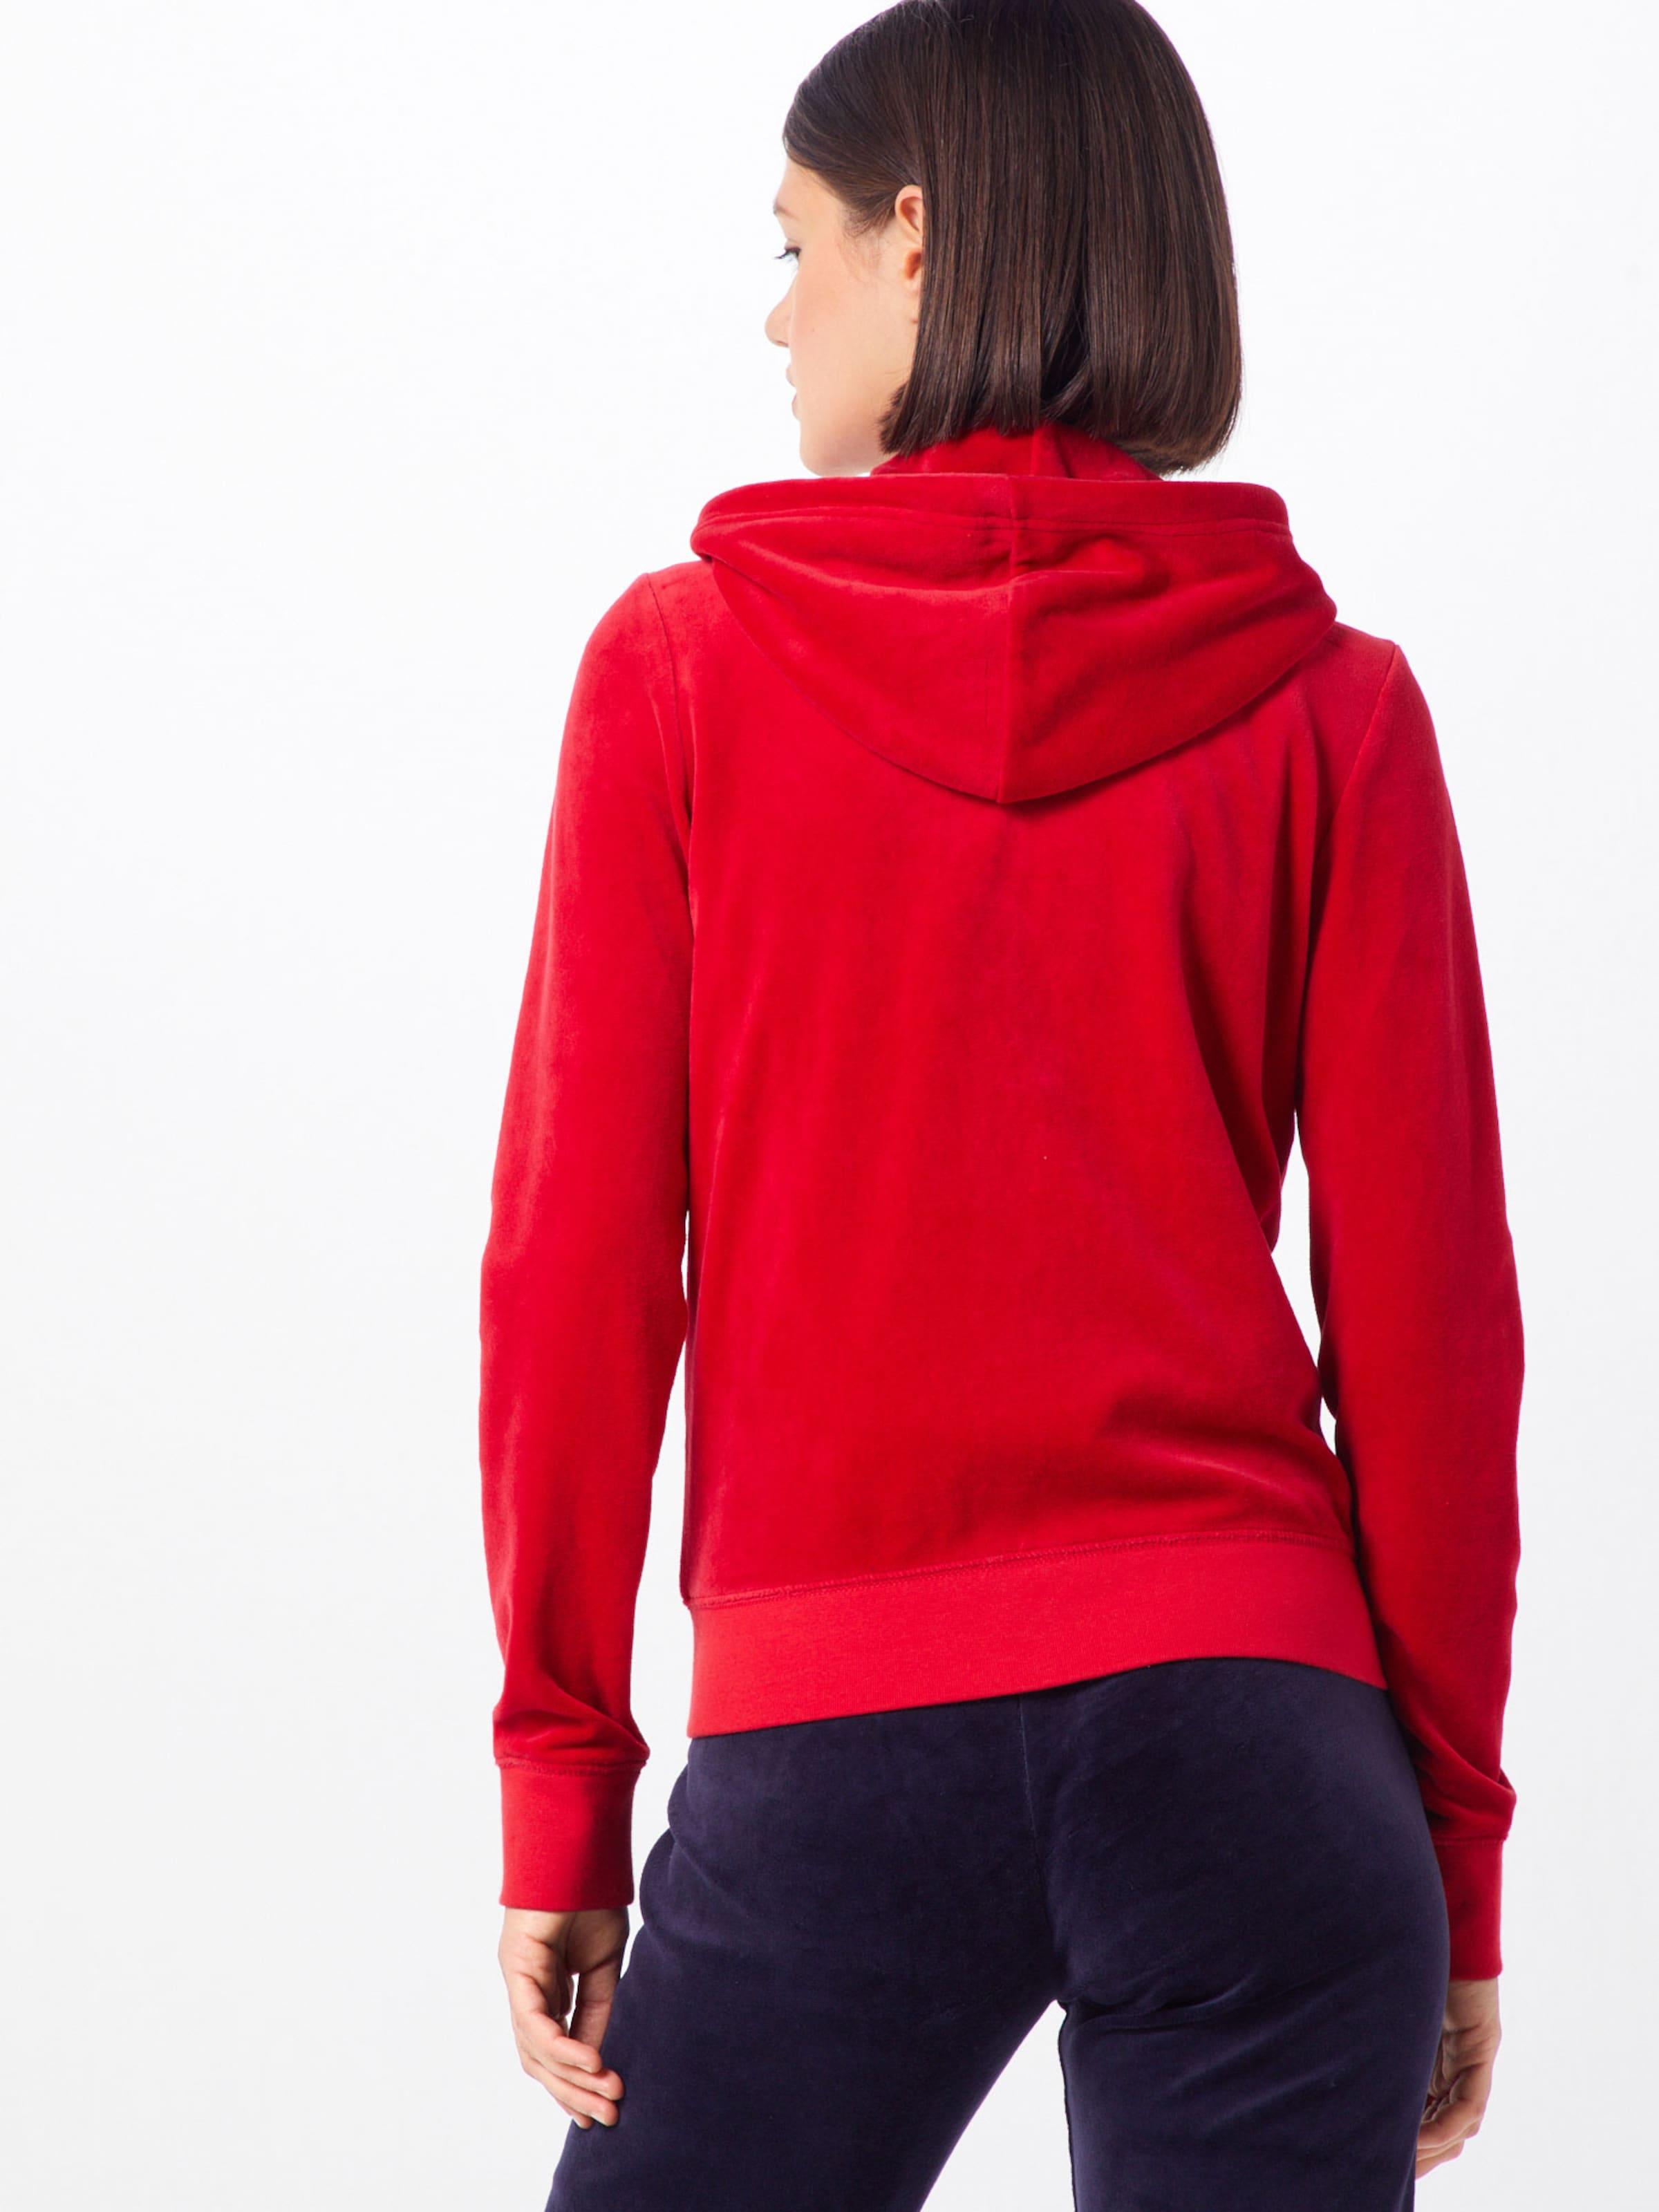 Black Juicy 'velour Rouge De En Label Veste Couture Survêtement Robertson' mNn0w8